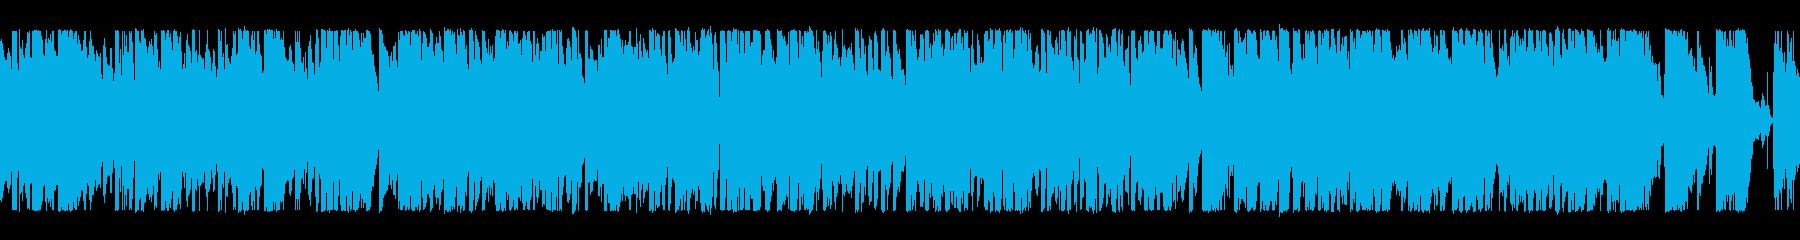 元気ハツラツブラス+ロック歌なしループ1の再生済みの波形